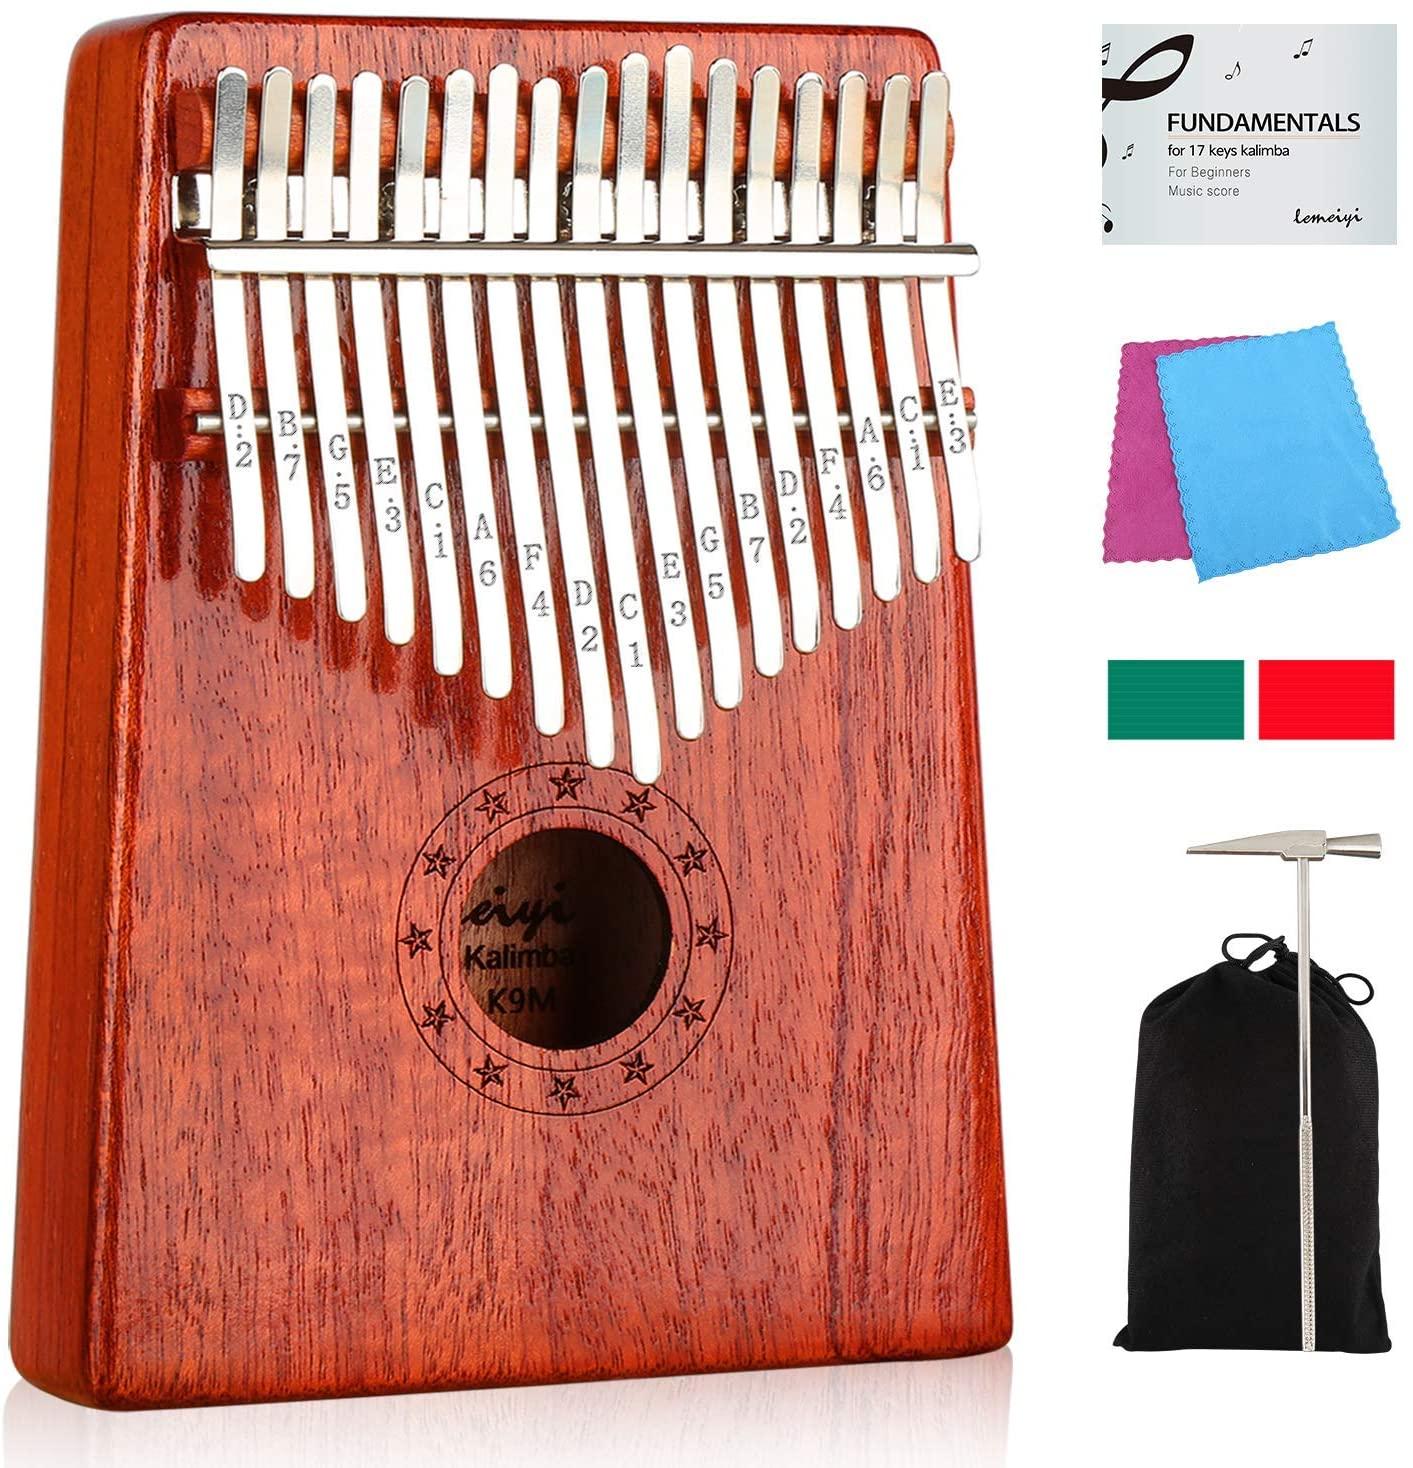 Amazon.com: Kalimba 17 Keys Thumb Piano with Study Instruction and Tune Hammer, Portable Wood Finger Piano $12